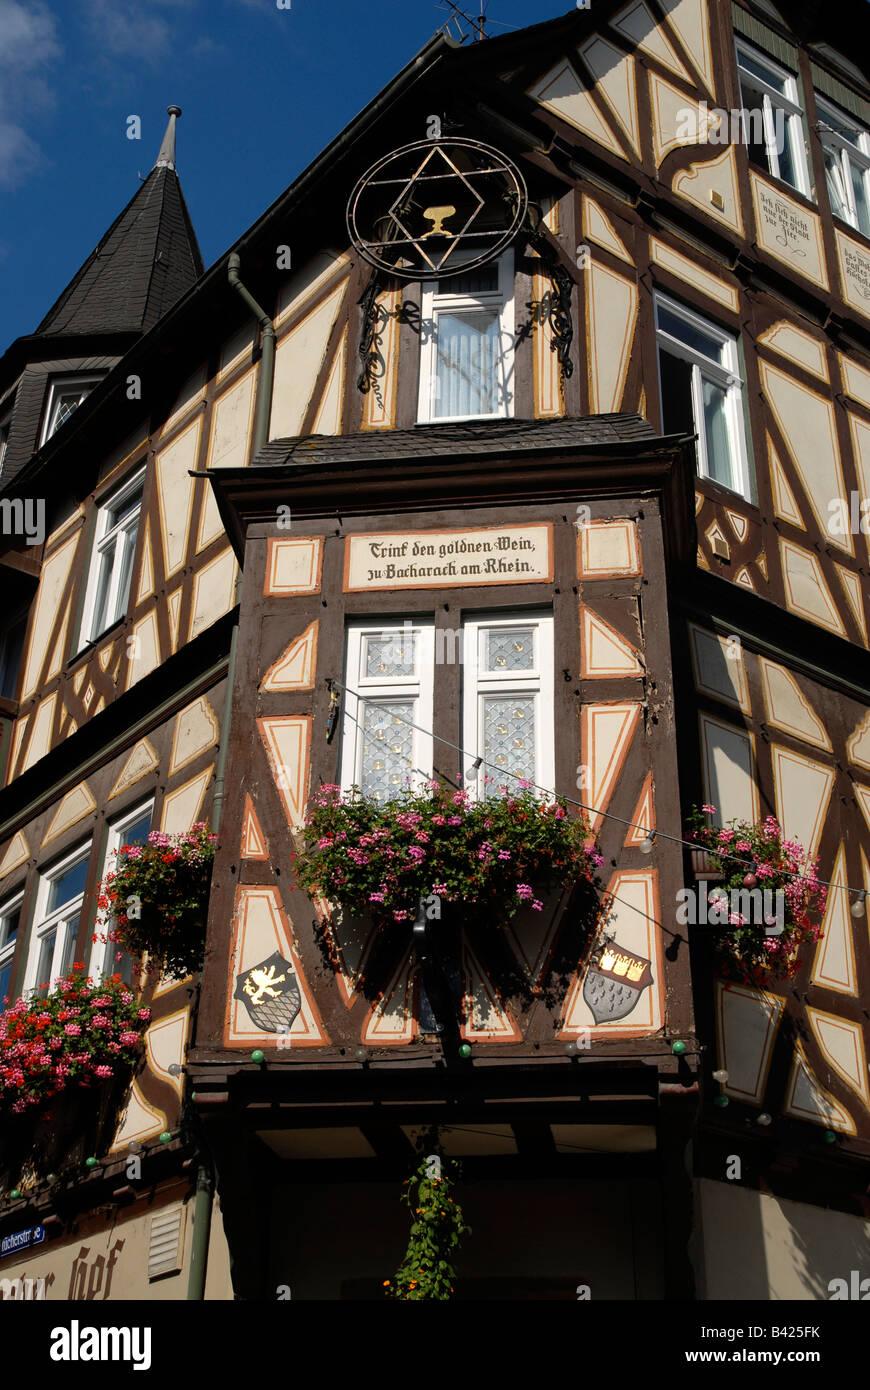 """Detail at the Hotel Restaurant Altkölnischer Hof in Bacharach with the text: """"Trink den goldnen Wein zu Bacharach Stock Photo"""